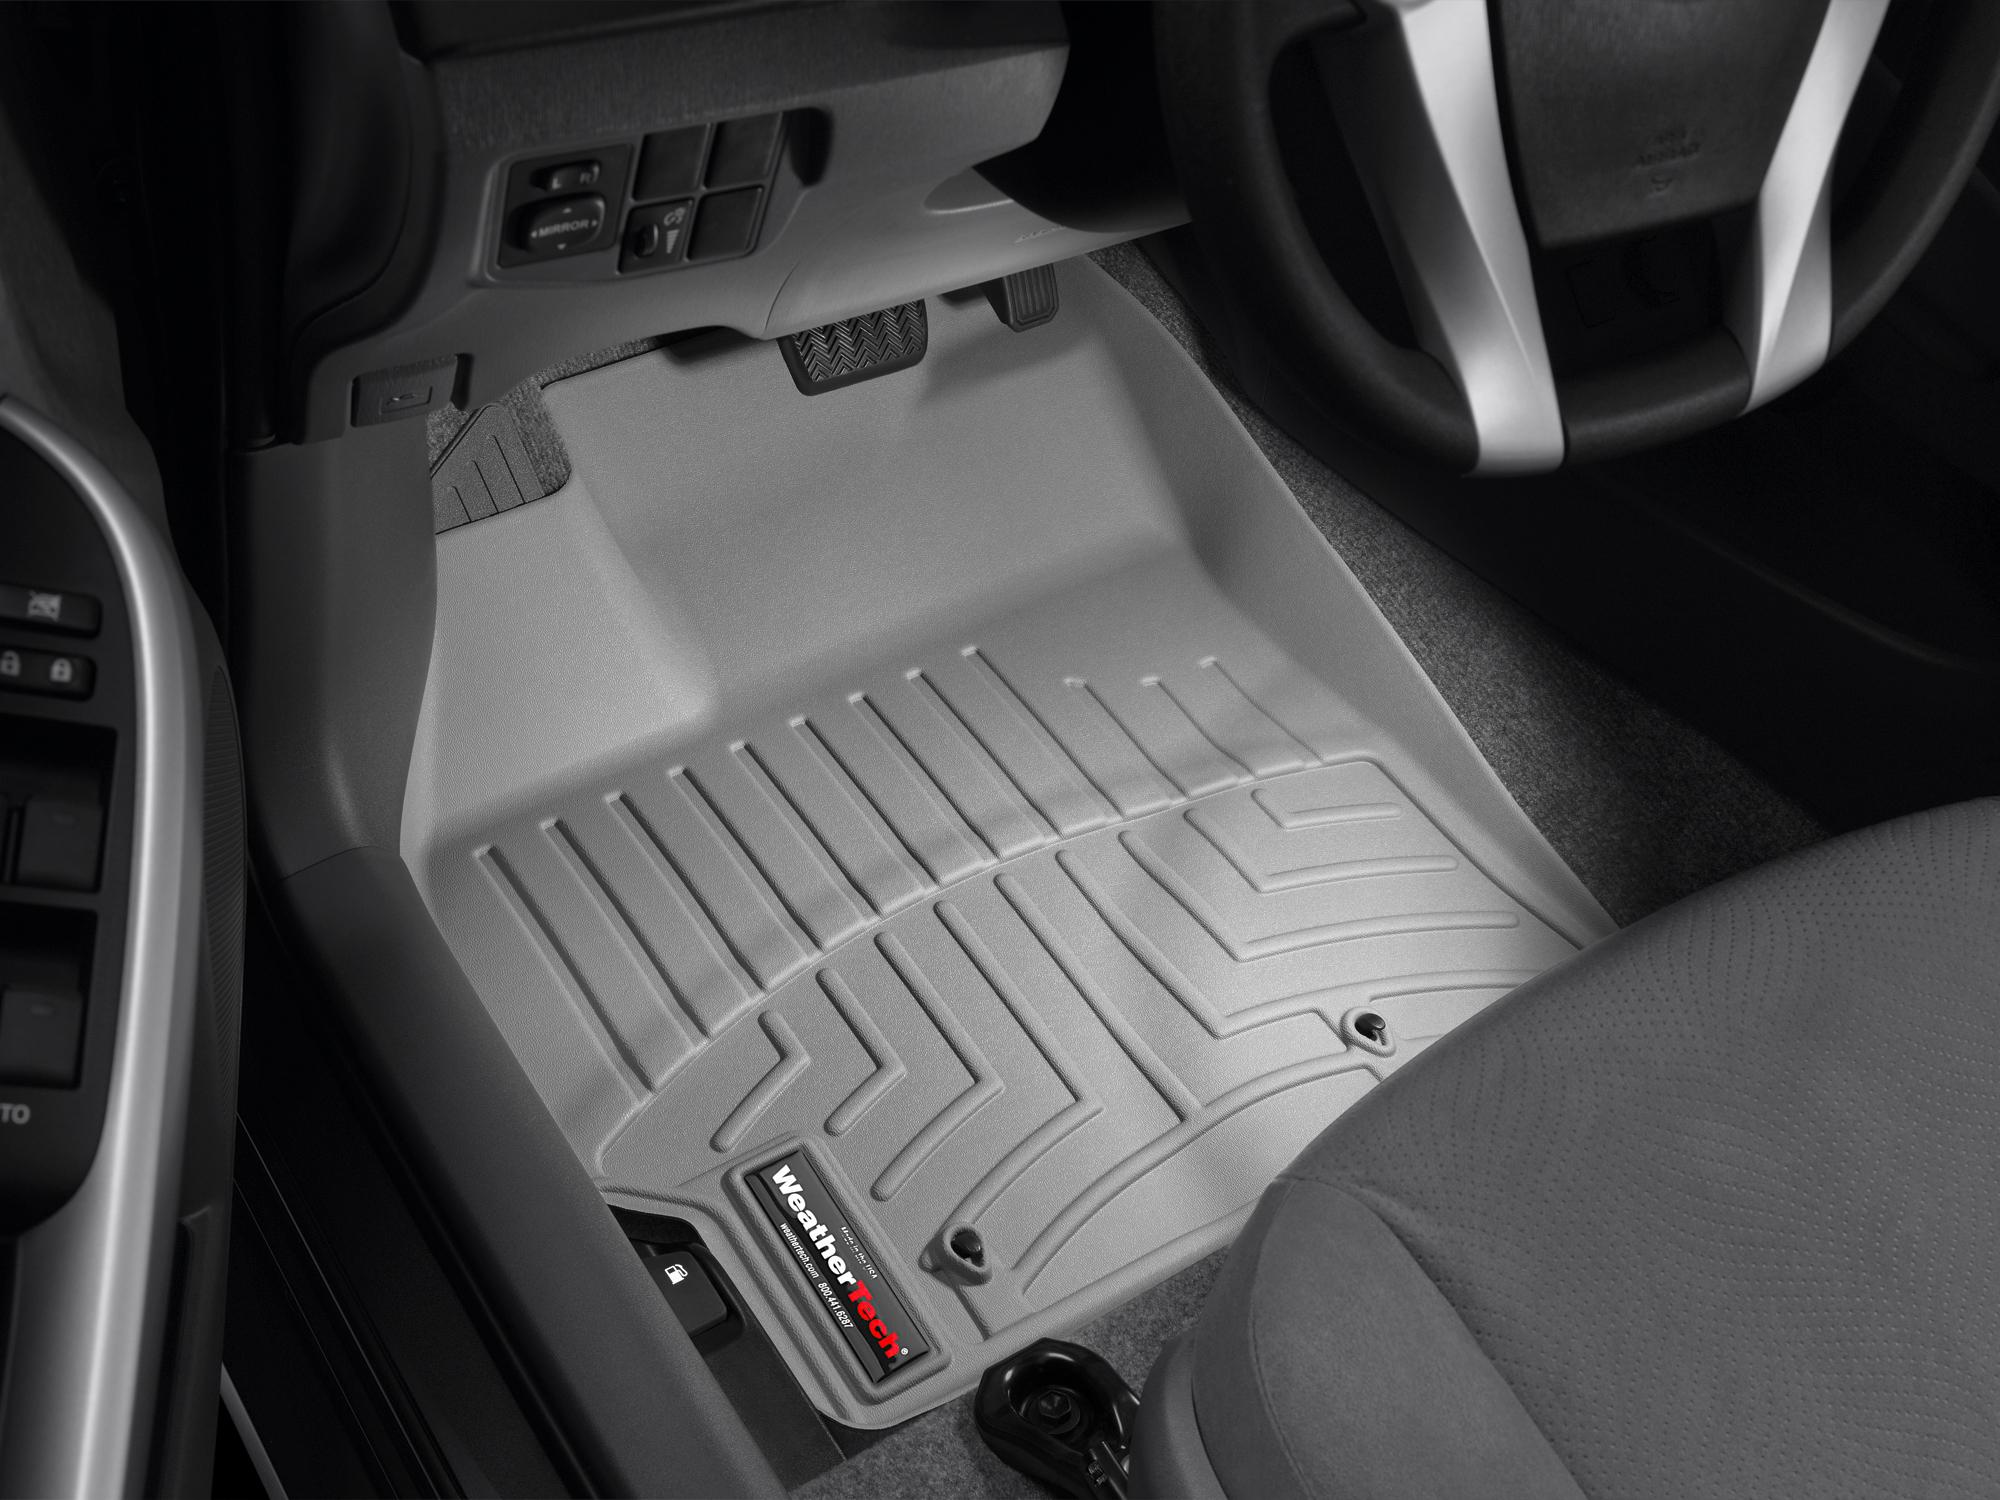 Tappeti gomma su misura bordo alto Toyota Prius 10>11 Grigio A3753*